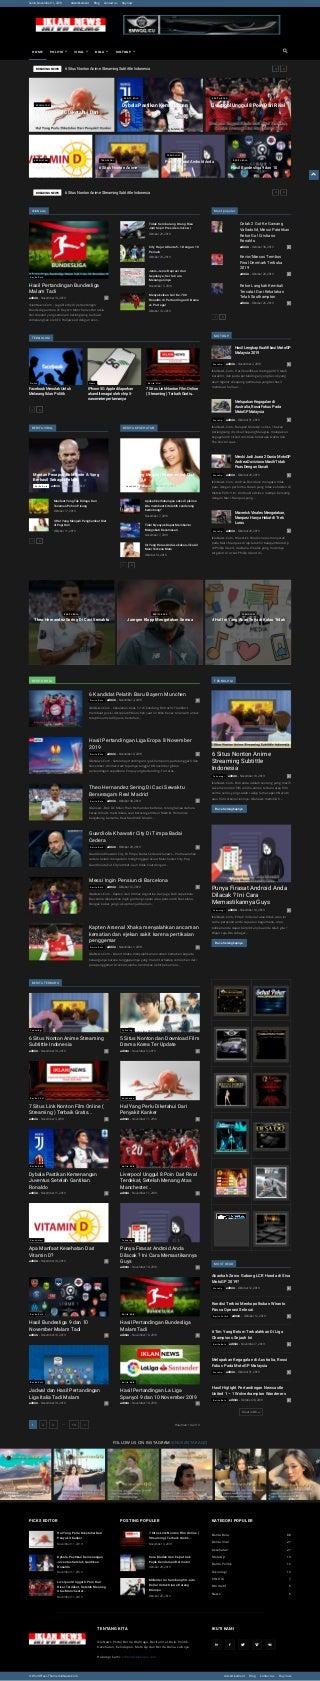 Iklannews.com portal berita bola, politik, viral, teknologi, motogp, kesehatan update